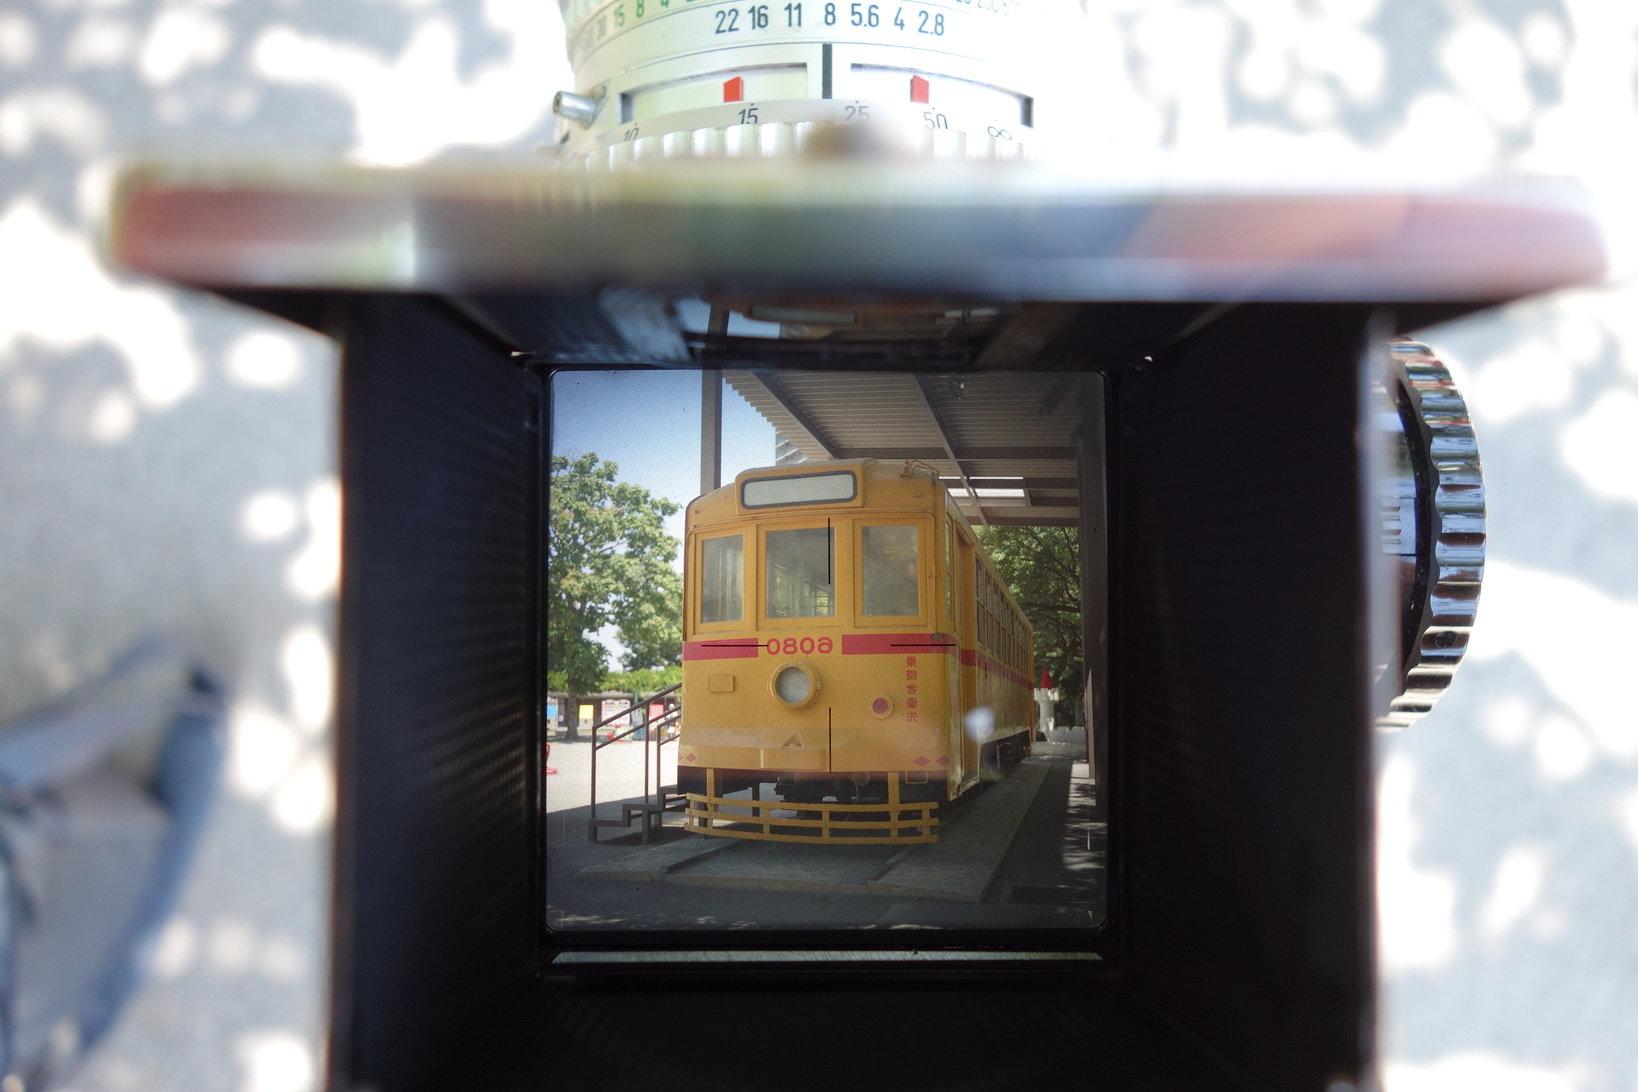 昭和47年に撮影した6000型は現在、桜の名所飛鳥山公園に鎮座している。『HASSELBLAD 500C』のファインダーから覗くと当時の音まで聞こえてくる。